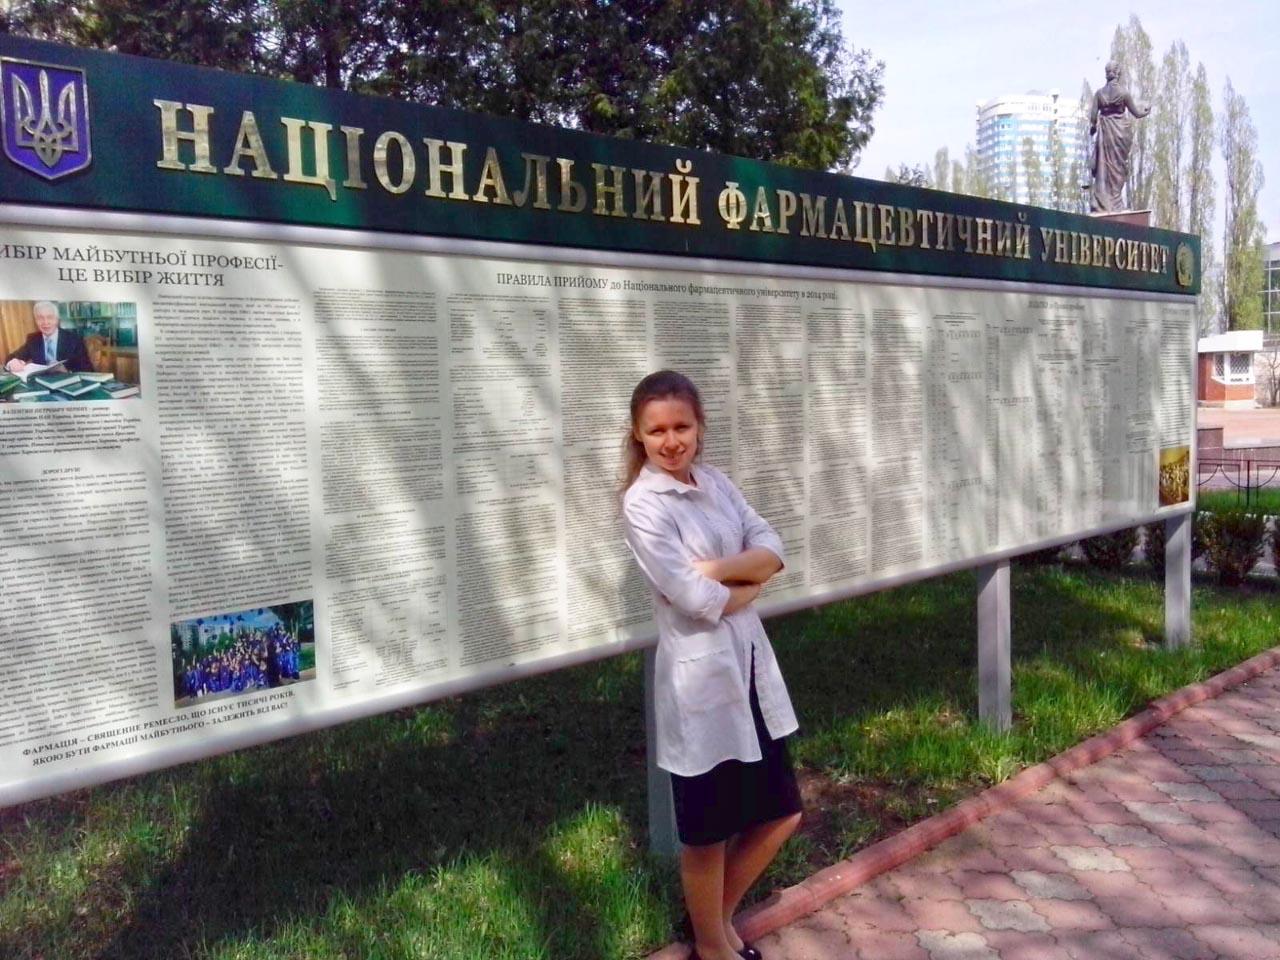 Наталія Сніжко навчалася у Національному фармацевтичному університеті